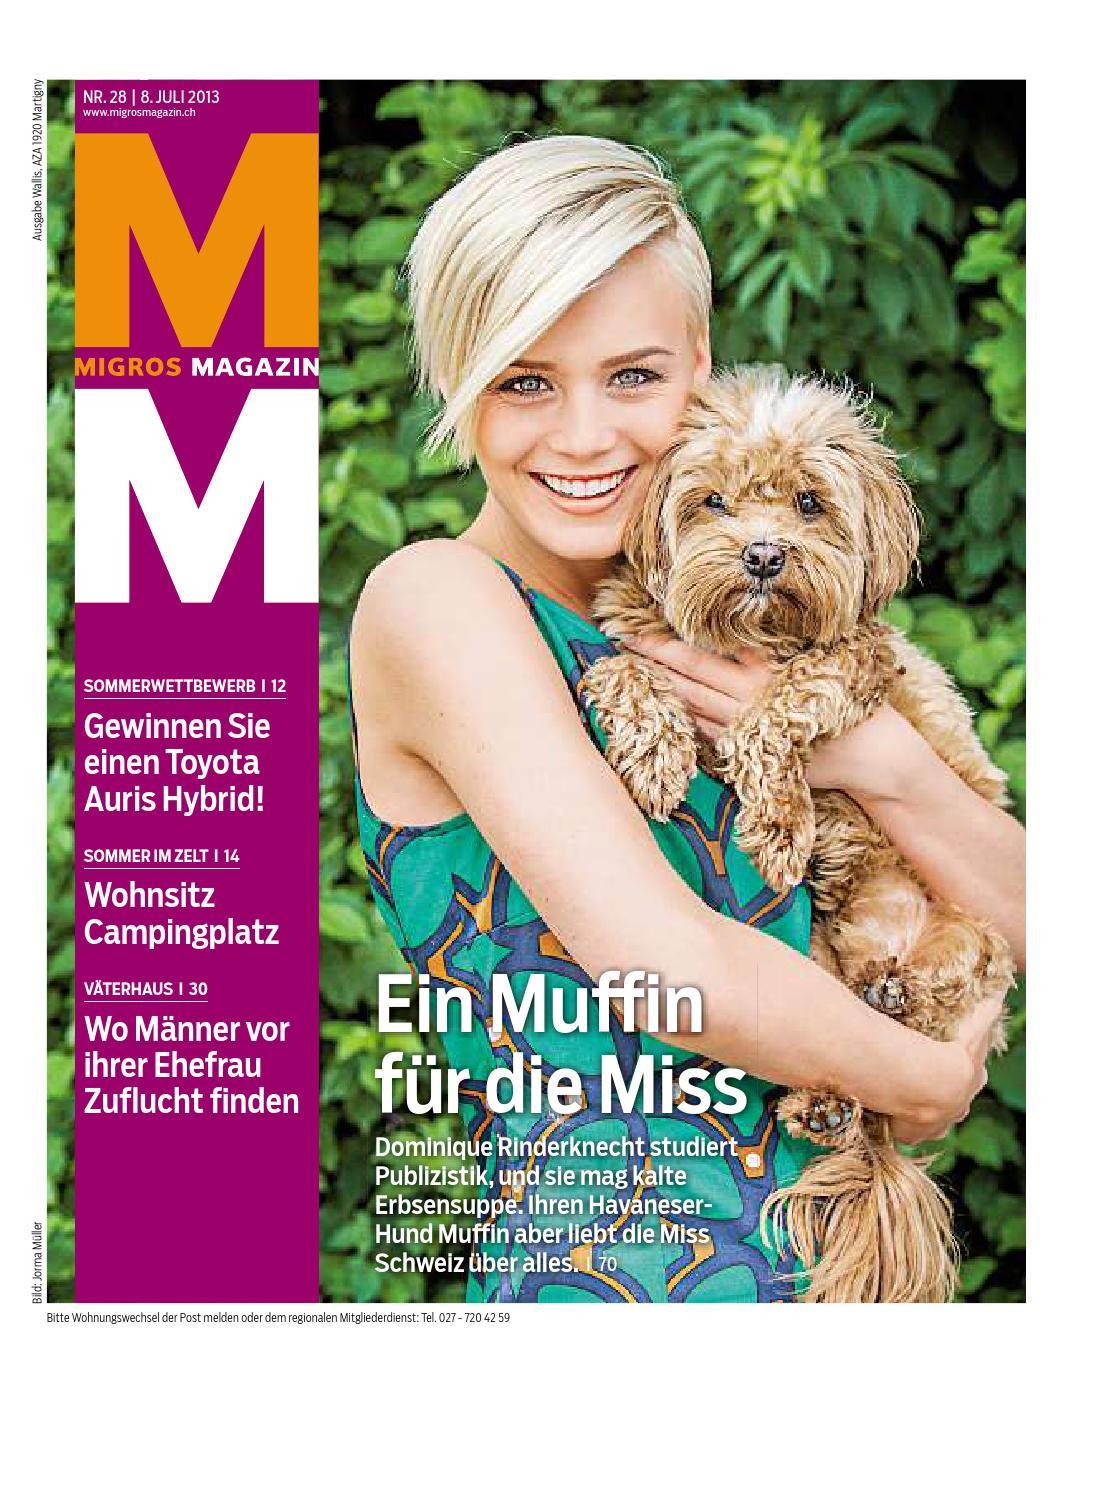 Erfreut Verdrahtete Zeitschrift 2013 Fotos - Der Schaltplan ...